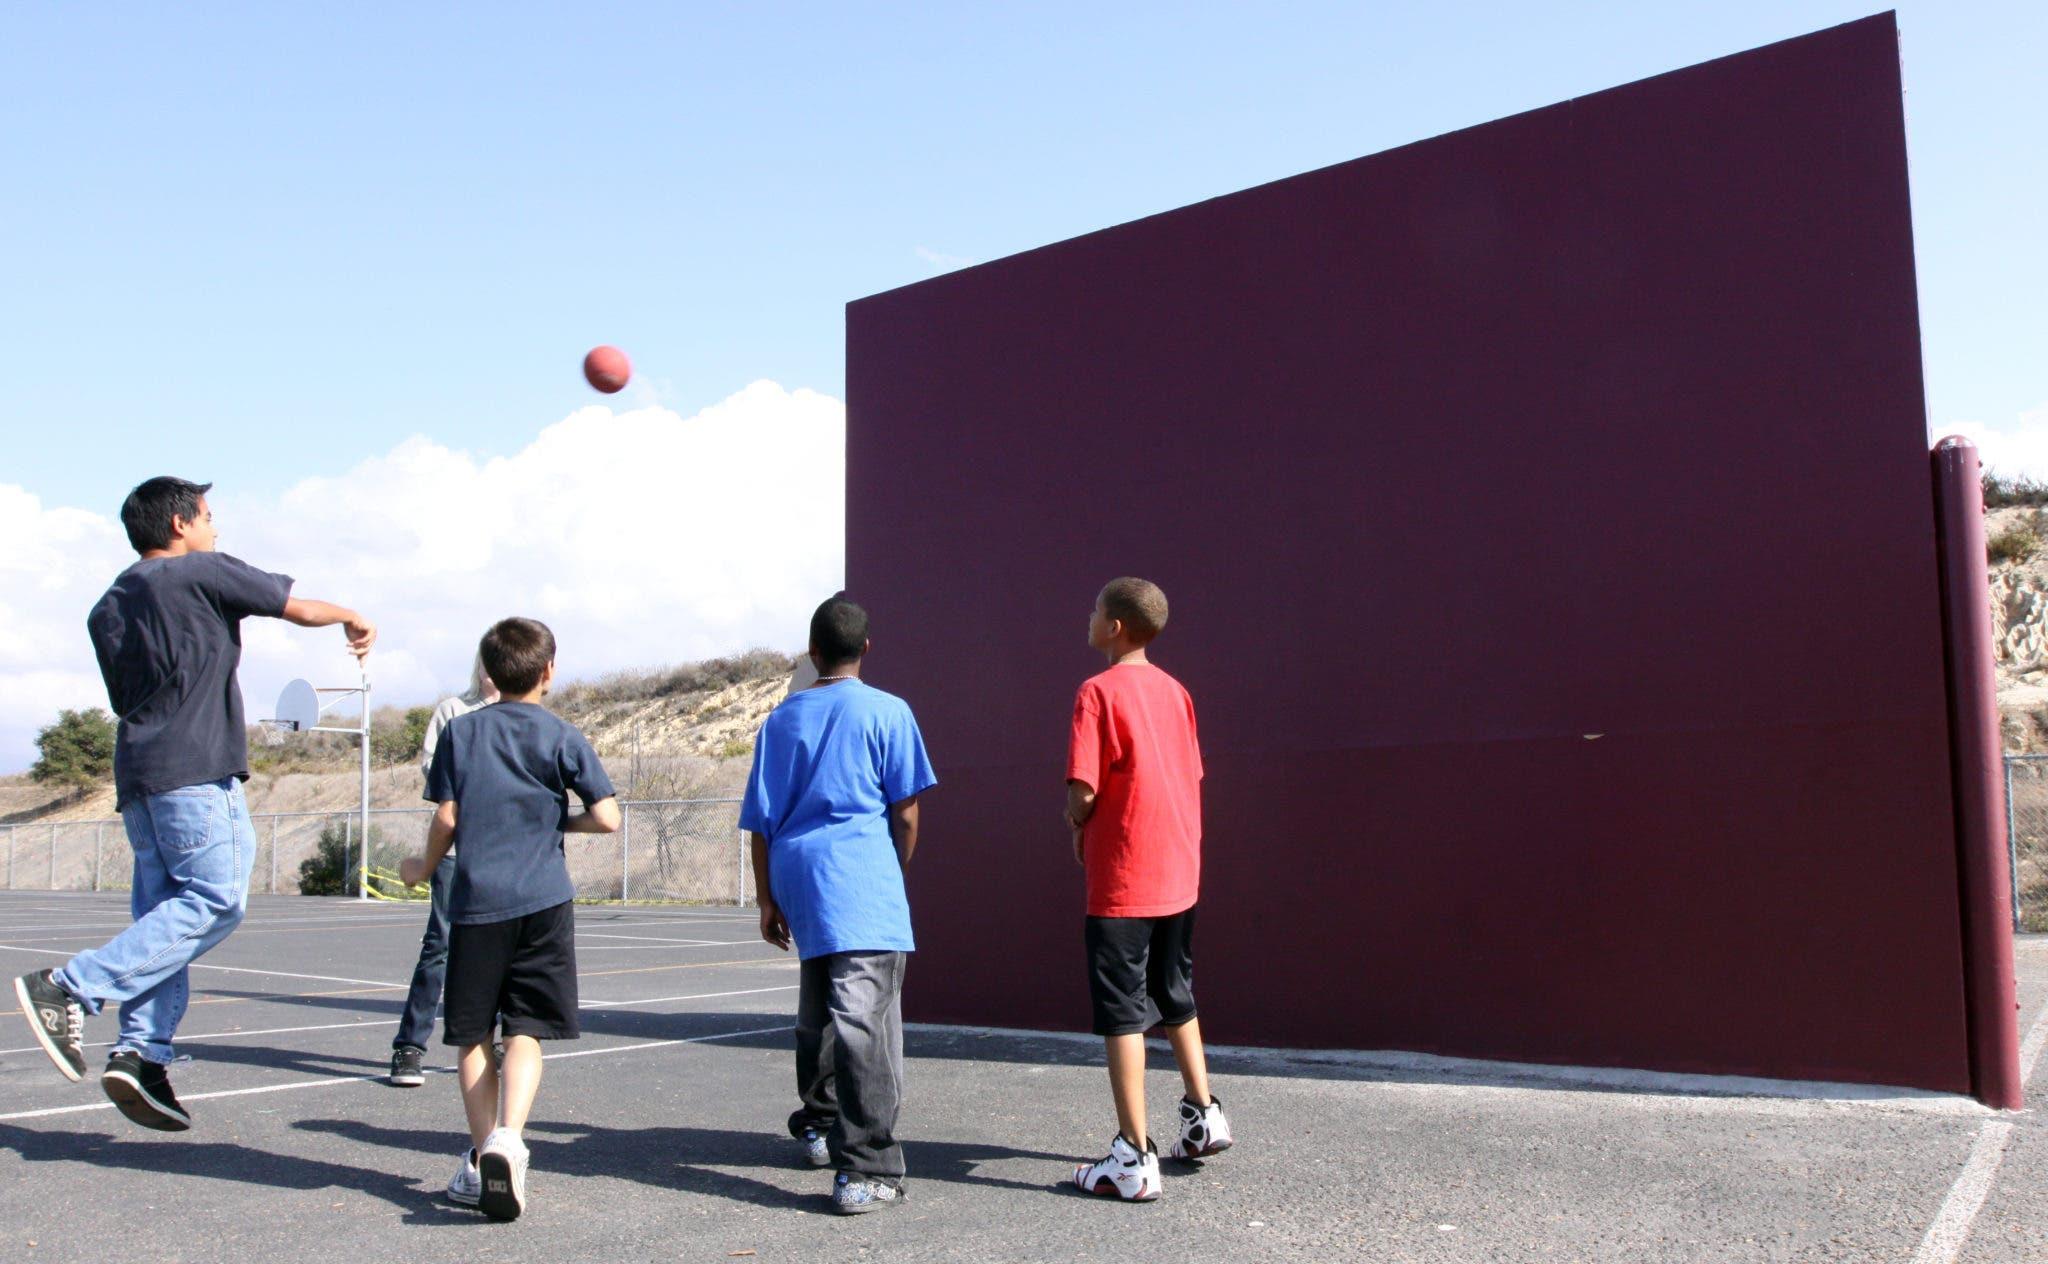 balle au mur